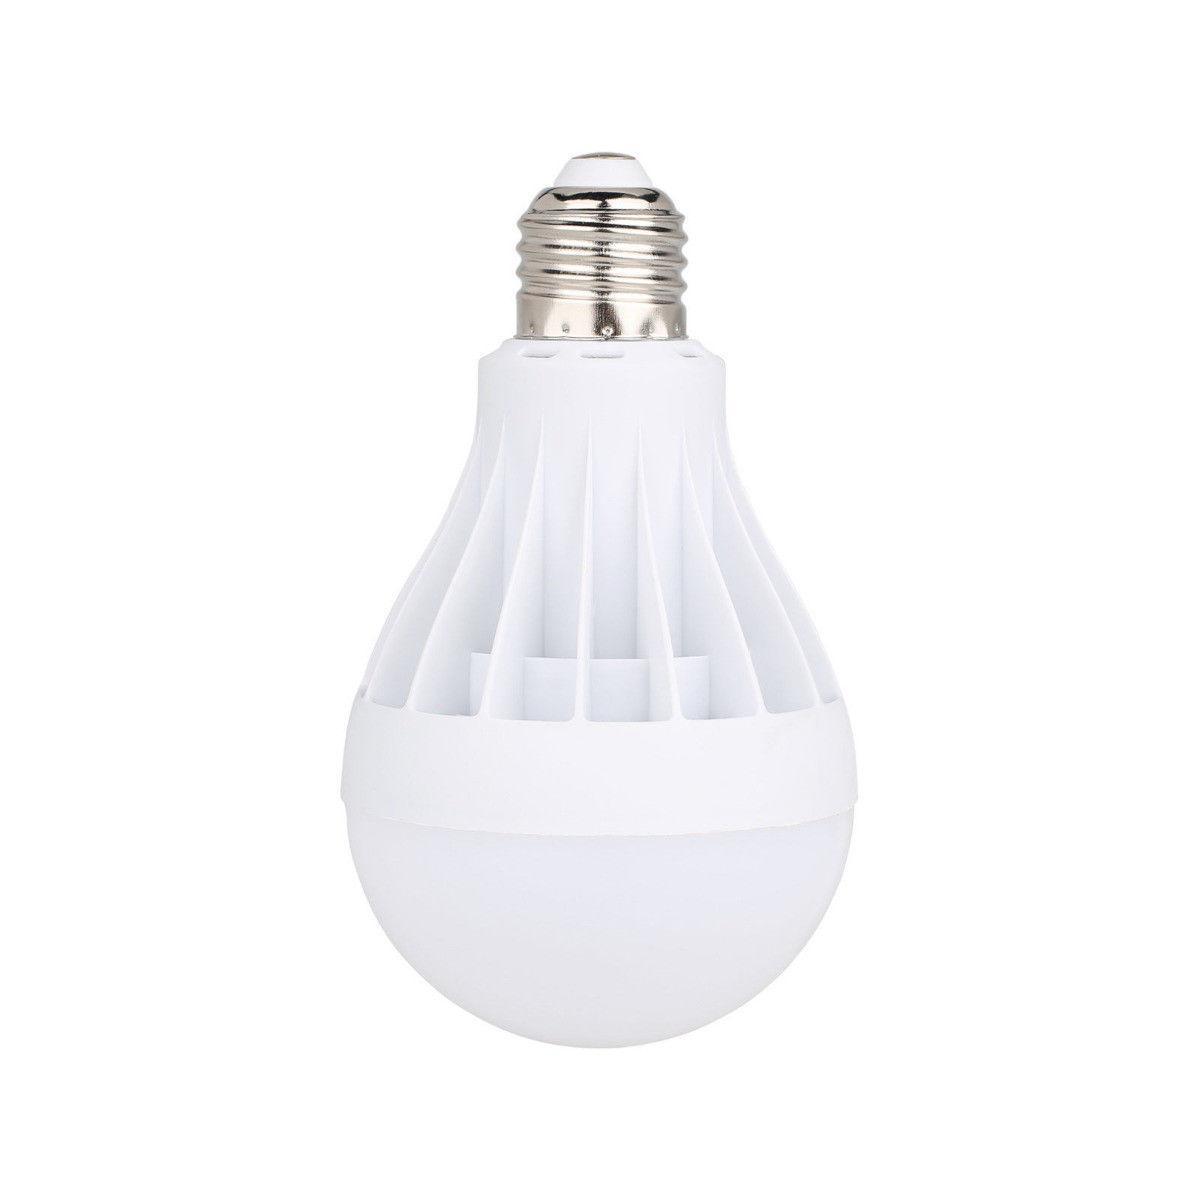 2020 E27 Energy Saving 5W 15W Lamp 110V